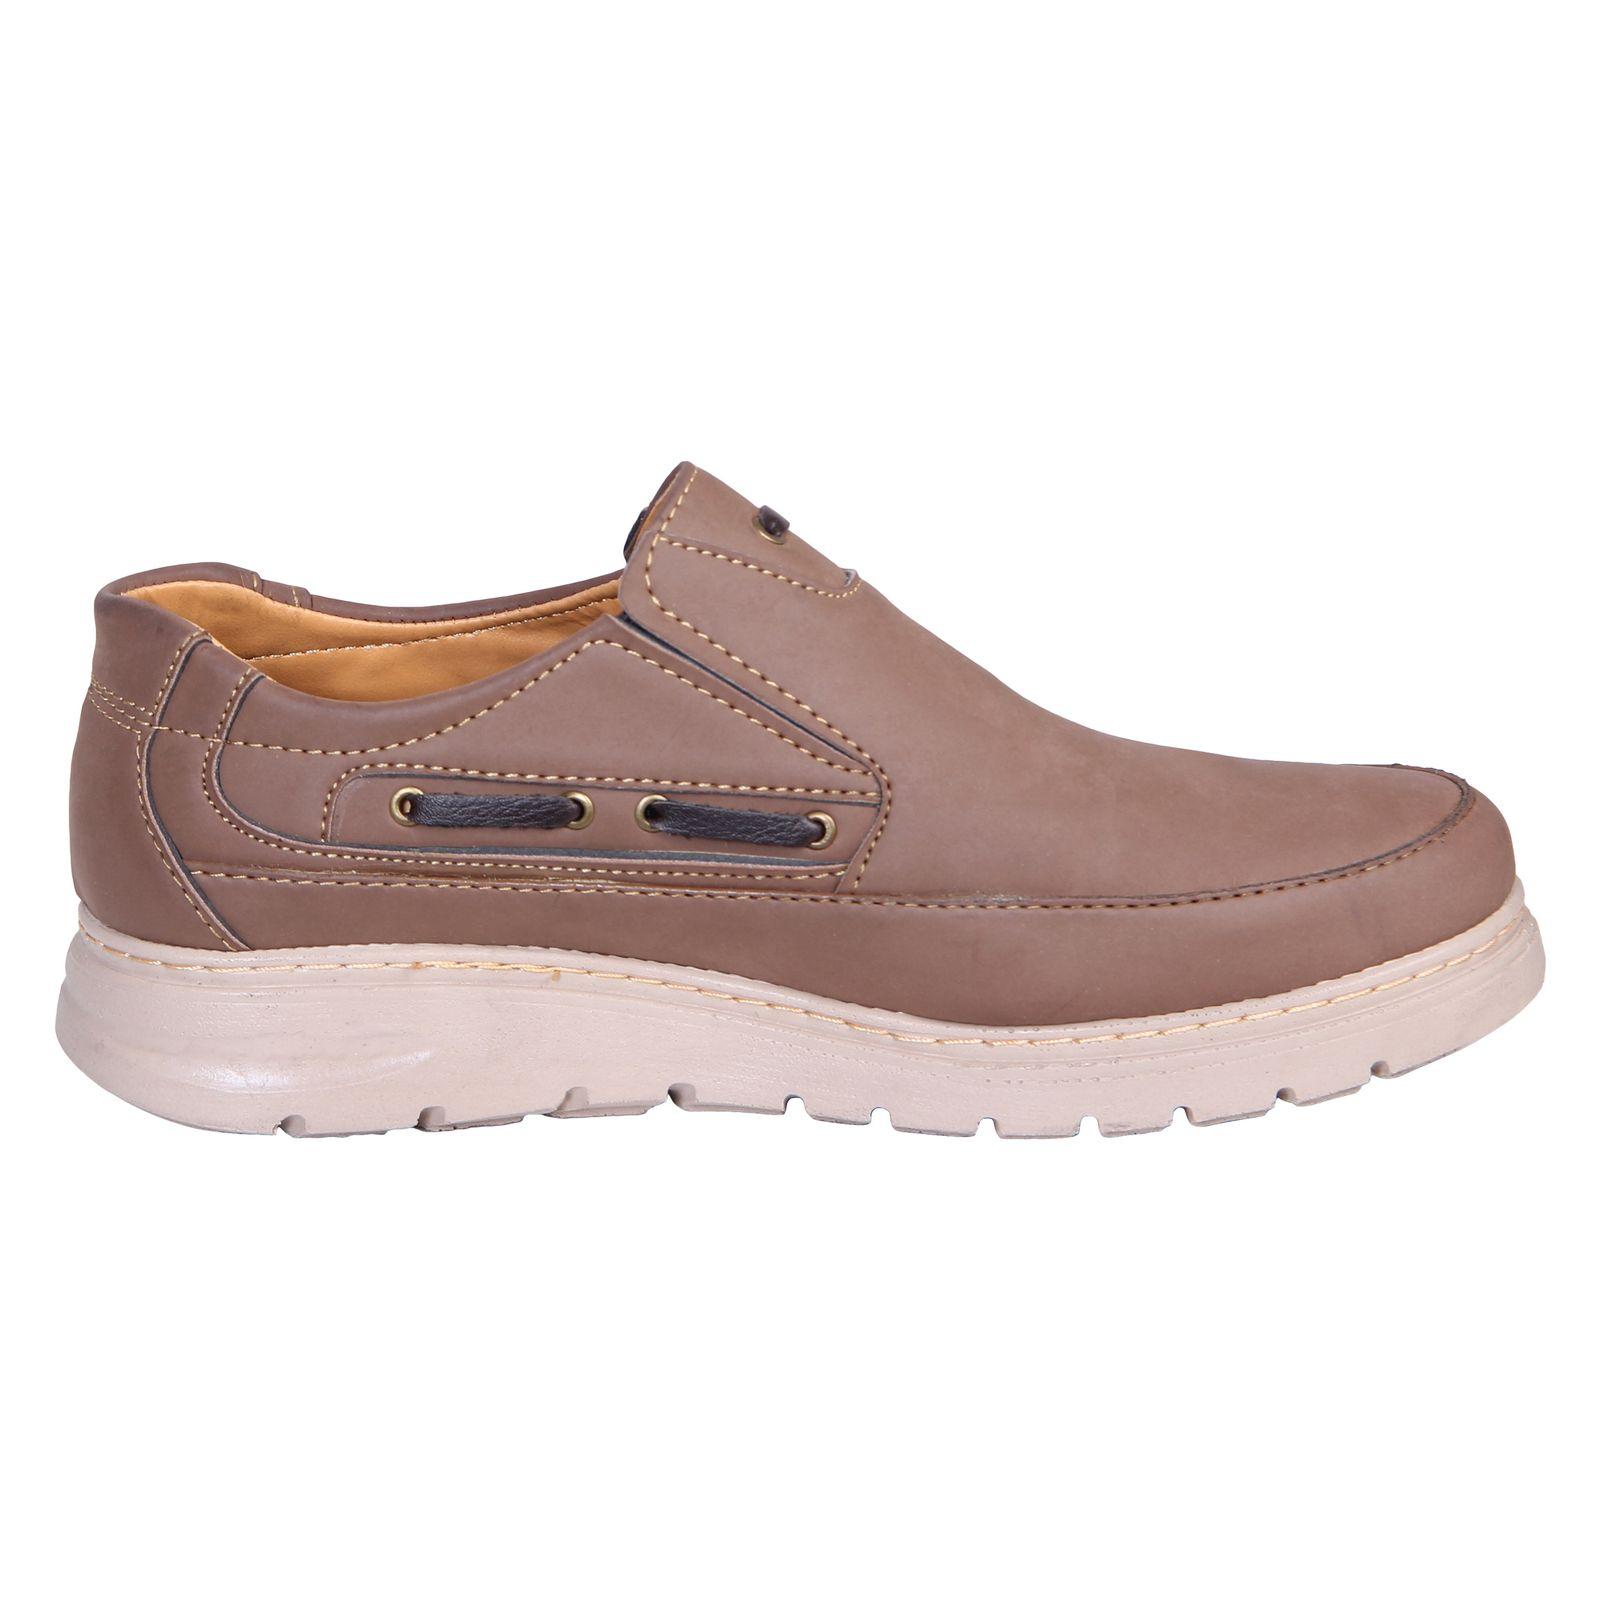 کفش روزمره مردانه کد 14-39868 -  - 2